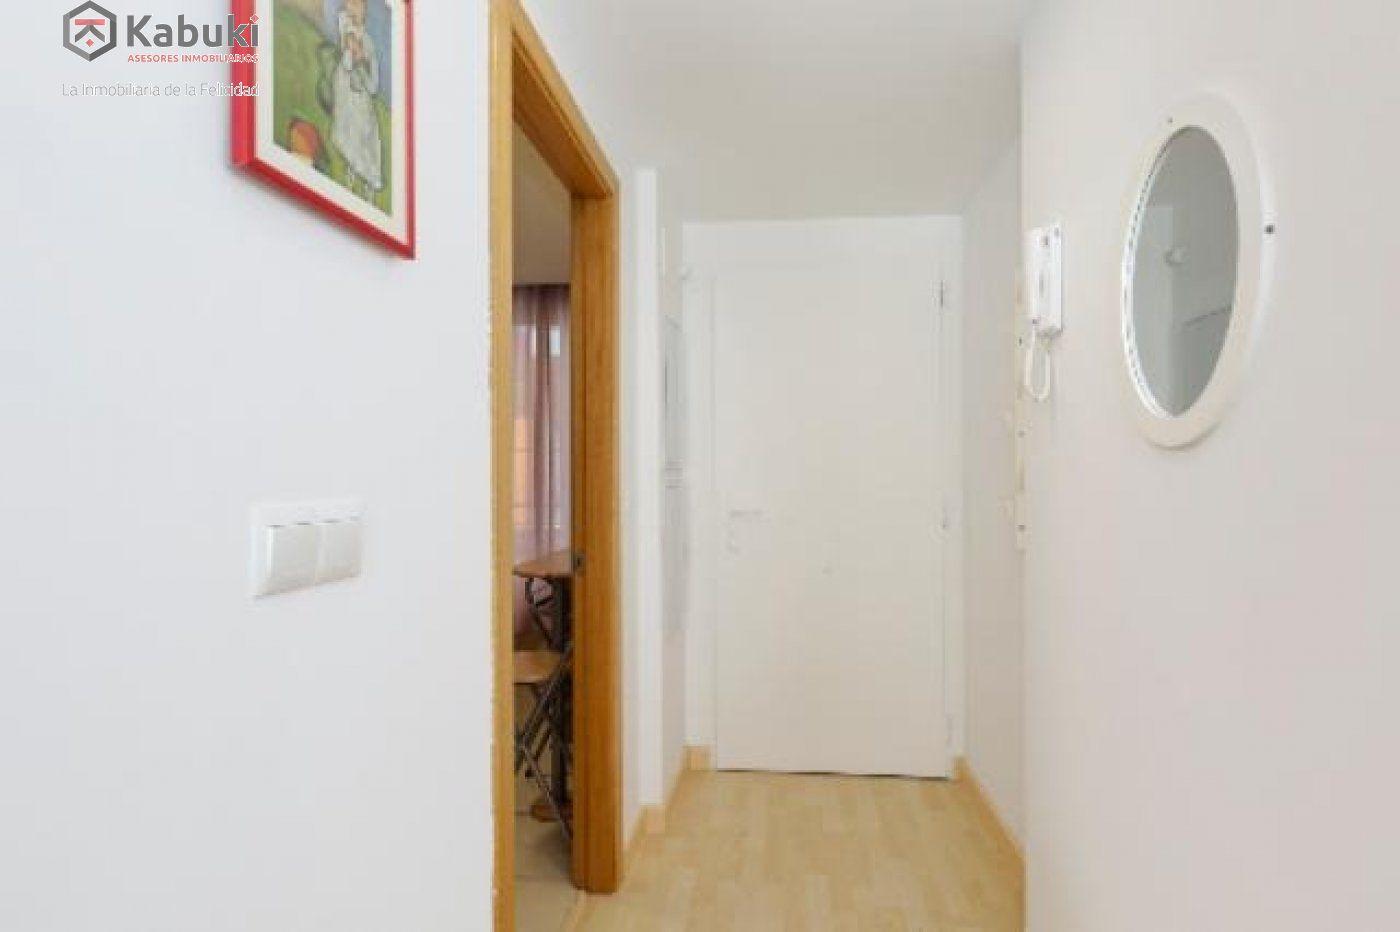 Coqueto y luminoso apartamento en un entorno privilegiado junto a los cahorros - imagenInmueble6